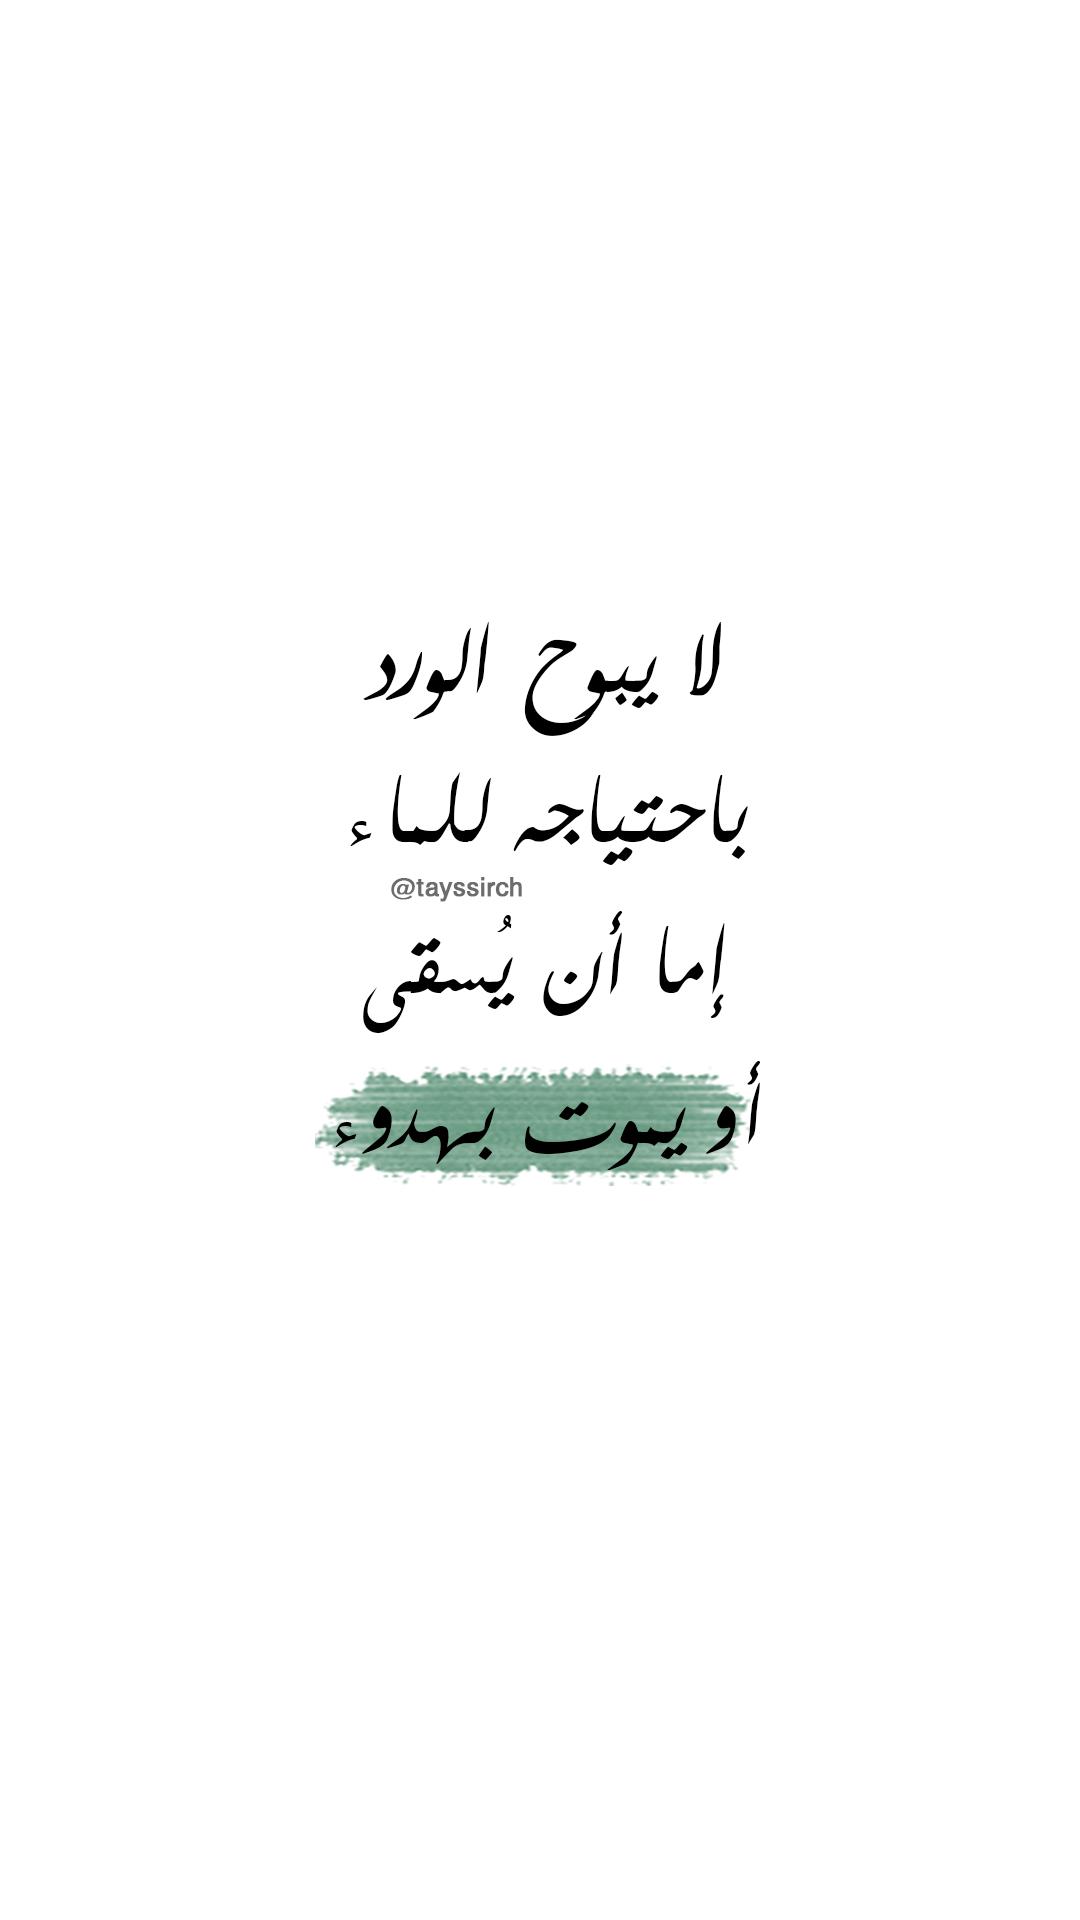 لا يبوح الورد باحتياجه للماء Words Quotes Quotations Favorite Book Quotes